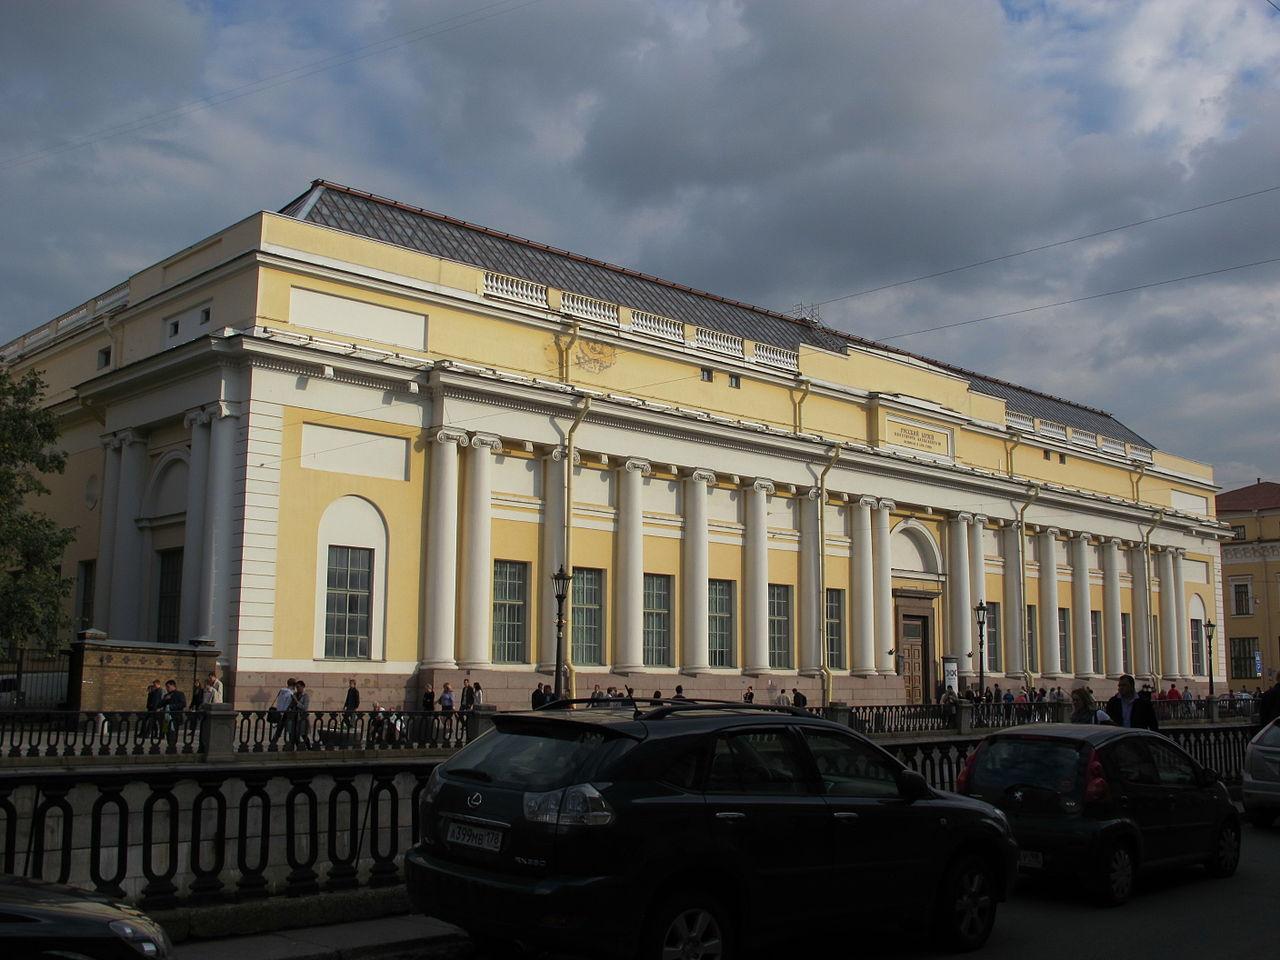 Корпус Бенуа, вид с канала Грибоедова. Автор фото: sailko (Wikimedia Commons)